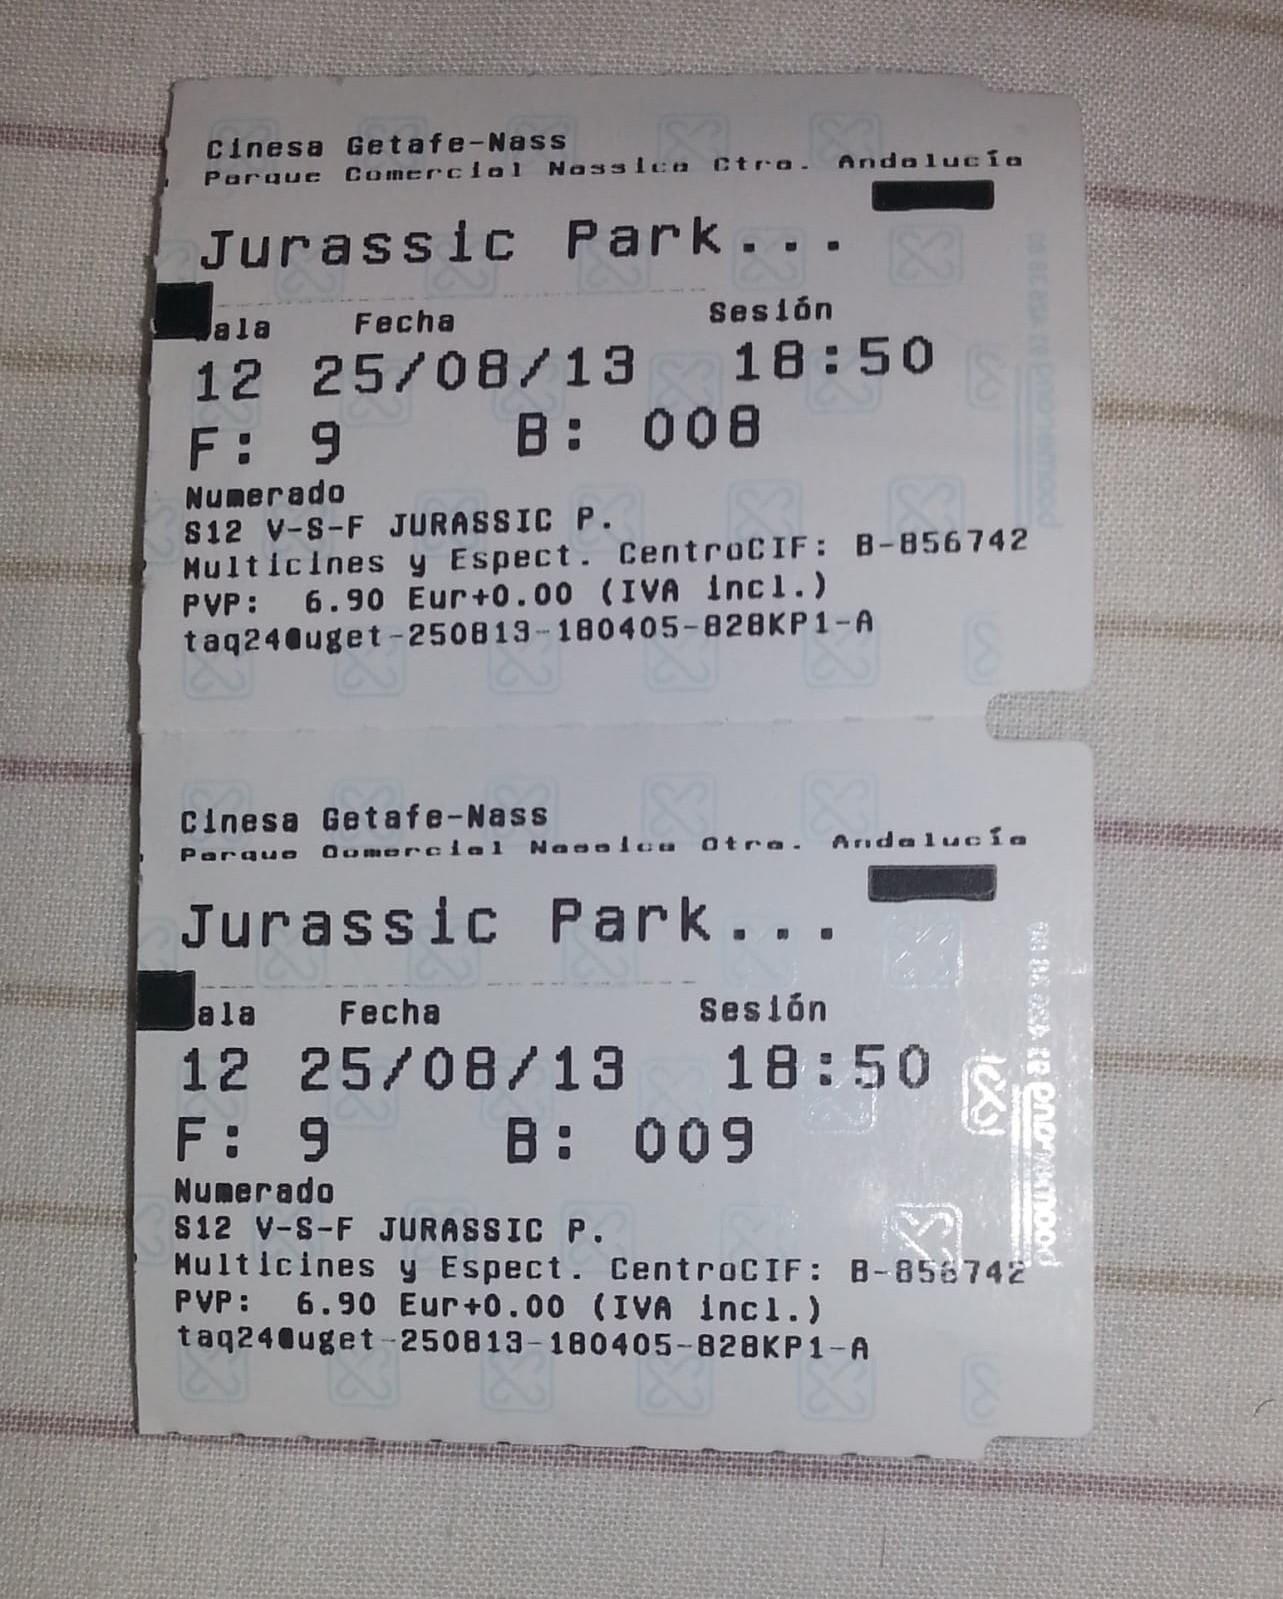 Cu nto deber a costar una entrada de cine for Cines arenys precios